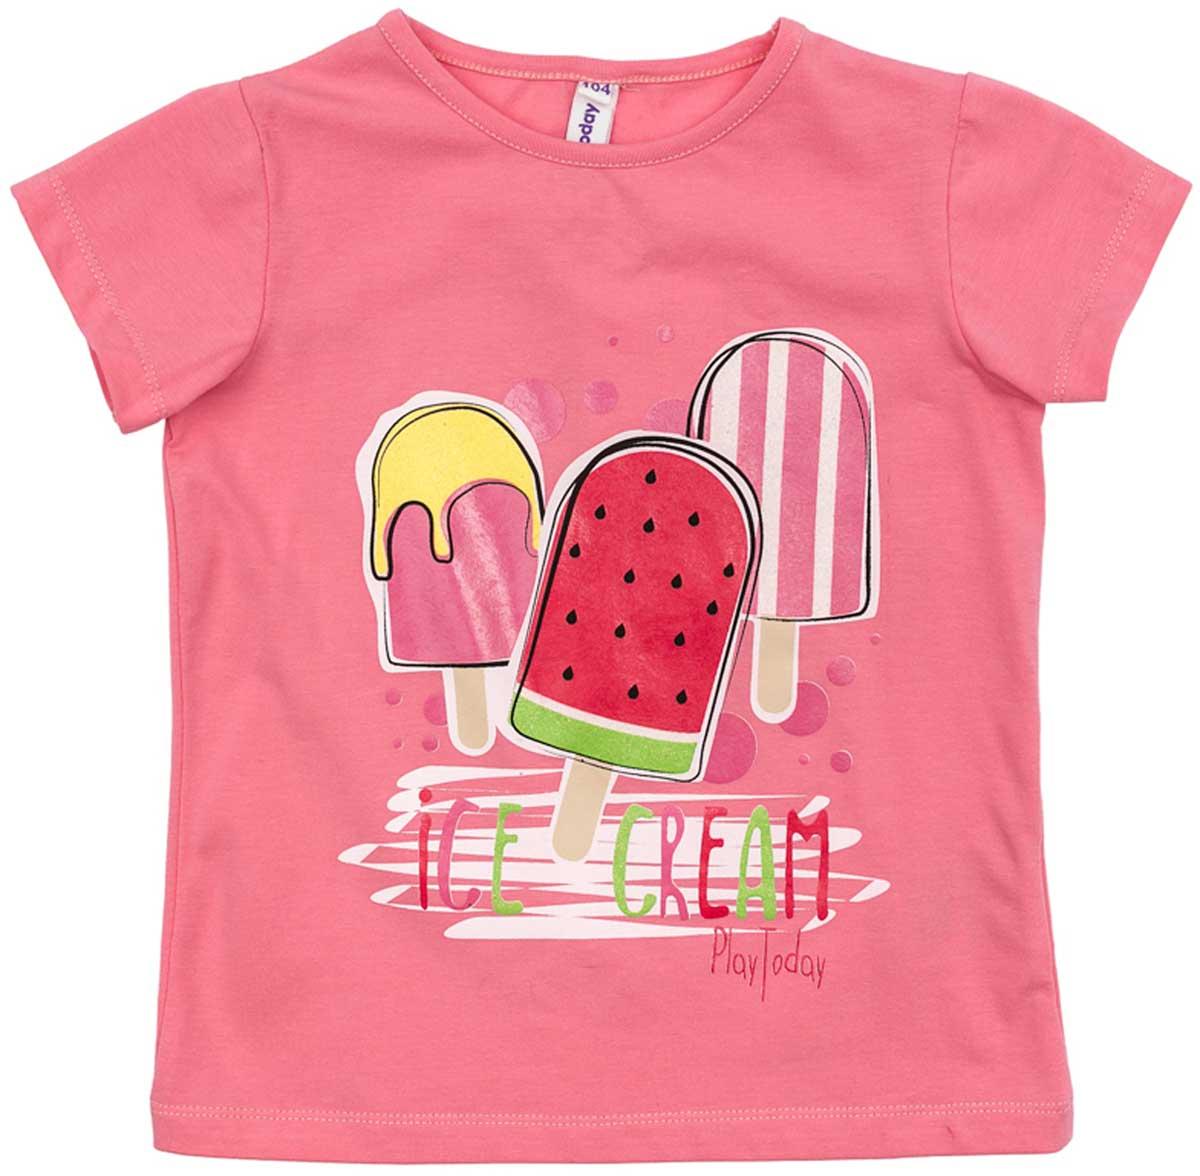 Футболка для девочки PlayToday, цвет: розовый, красный, желтый, светло-зеленый. 172163. Размер 116172163Футболка для девочки PlayToday выполнена из хлопка и эластана. Модель с круглым вырезом горловины и короткими рукавами оформлена оригинальным принтом.